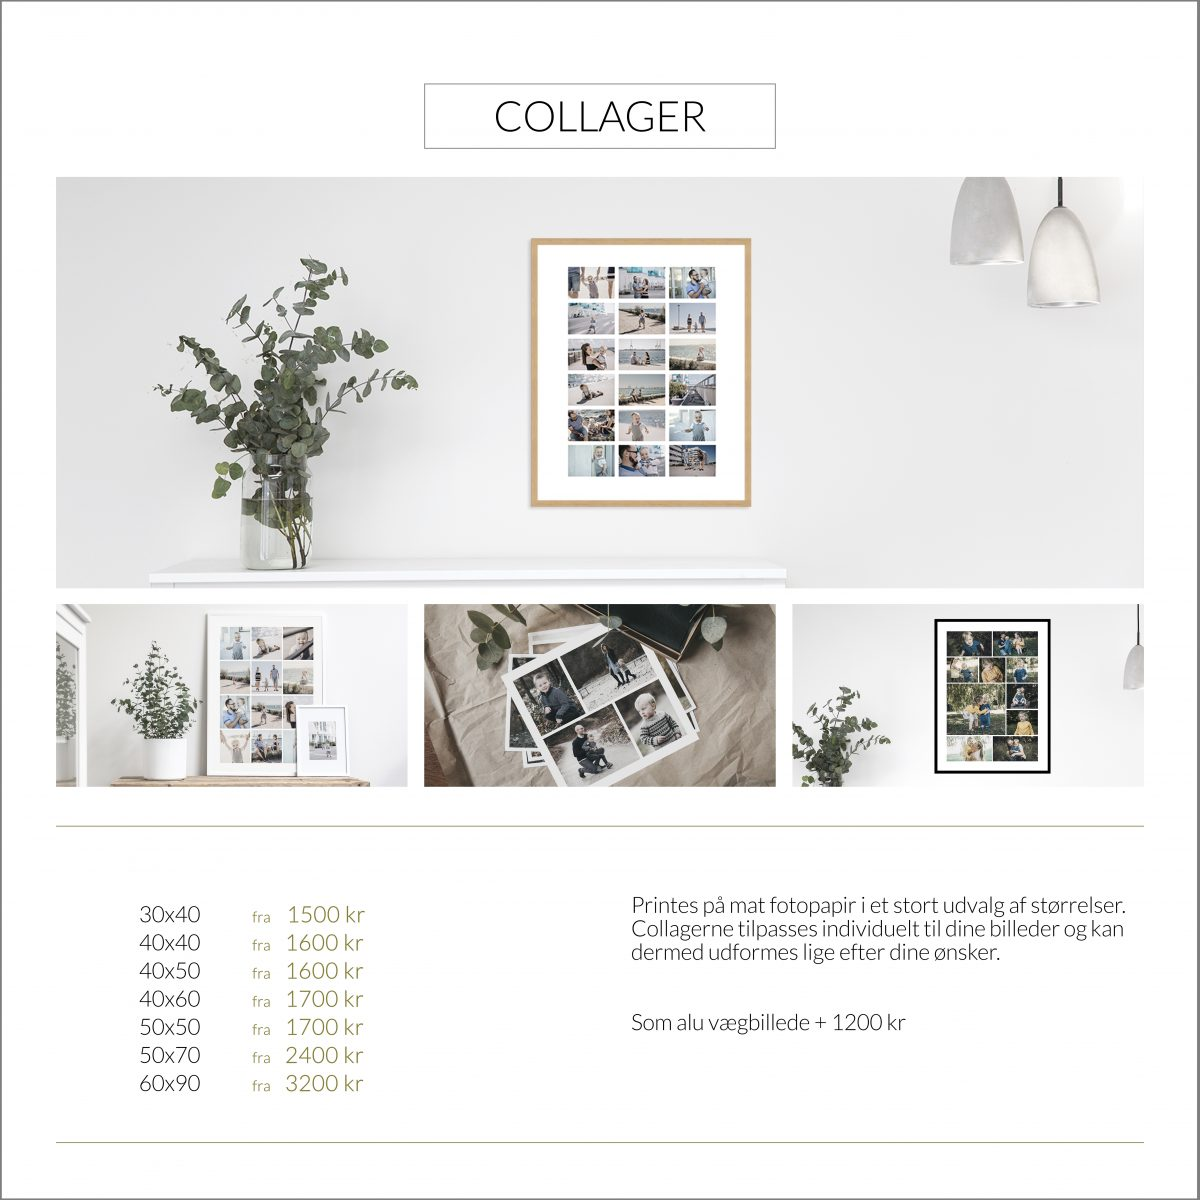 Printes på mat fotopapir i et stort udvalg af størrelser. Collagerne tilpasses individuelt til dine billeder og kan dermed udformes lige efter dine ønsker.   Som alu vægbillede + 1200 kr